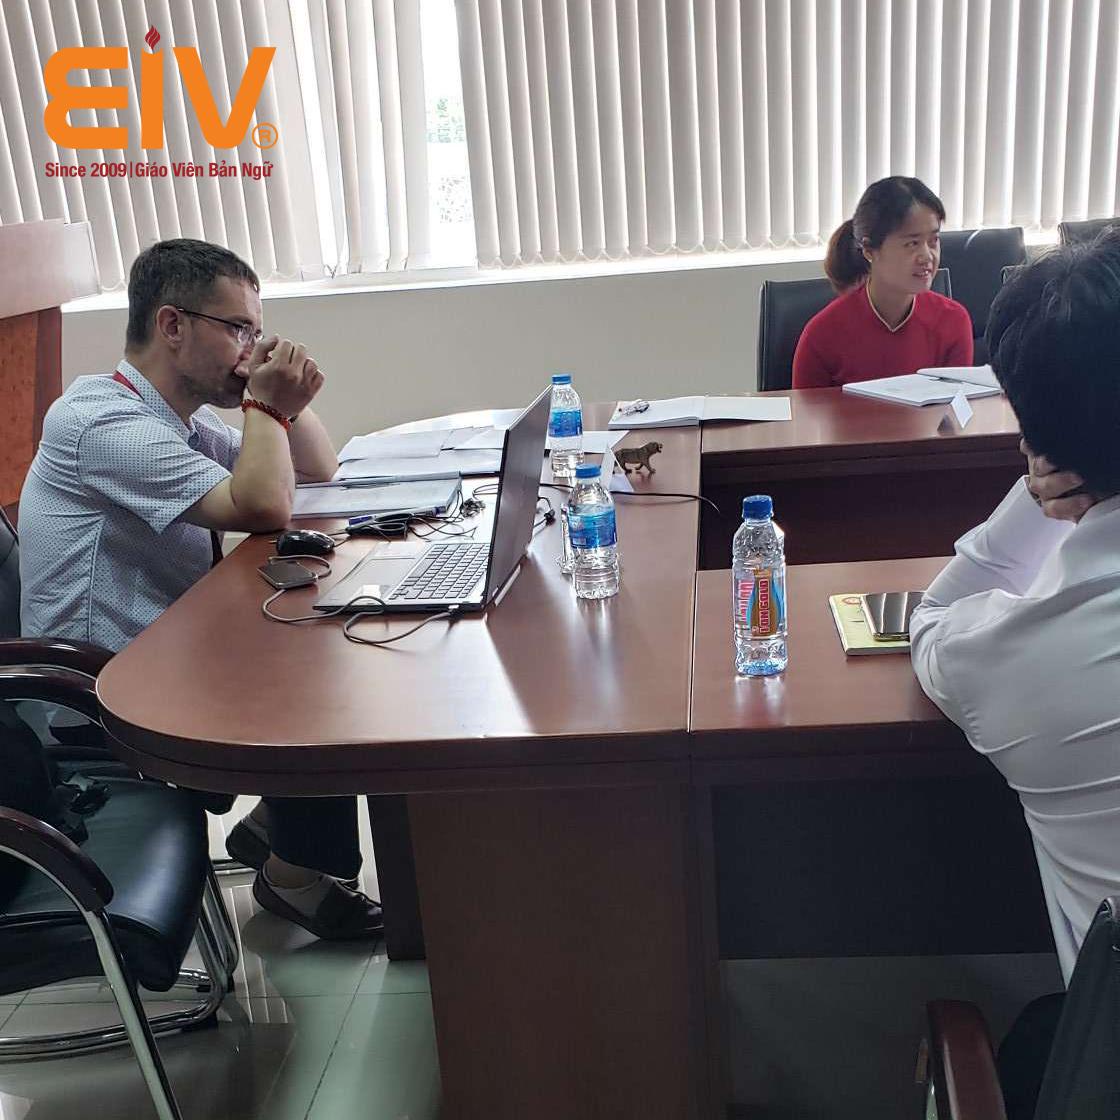 Thực trạng Tiếng Anh tại các Doanh nghiệp Việt hiện nay